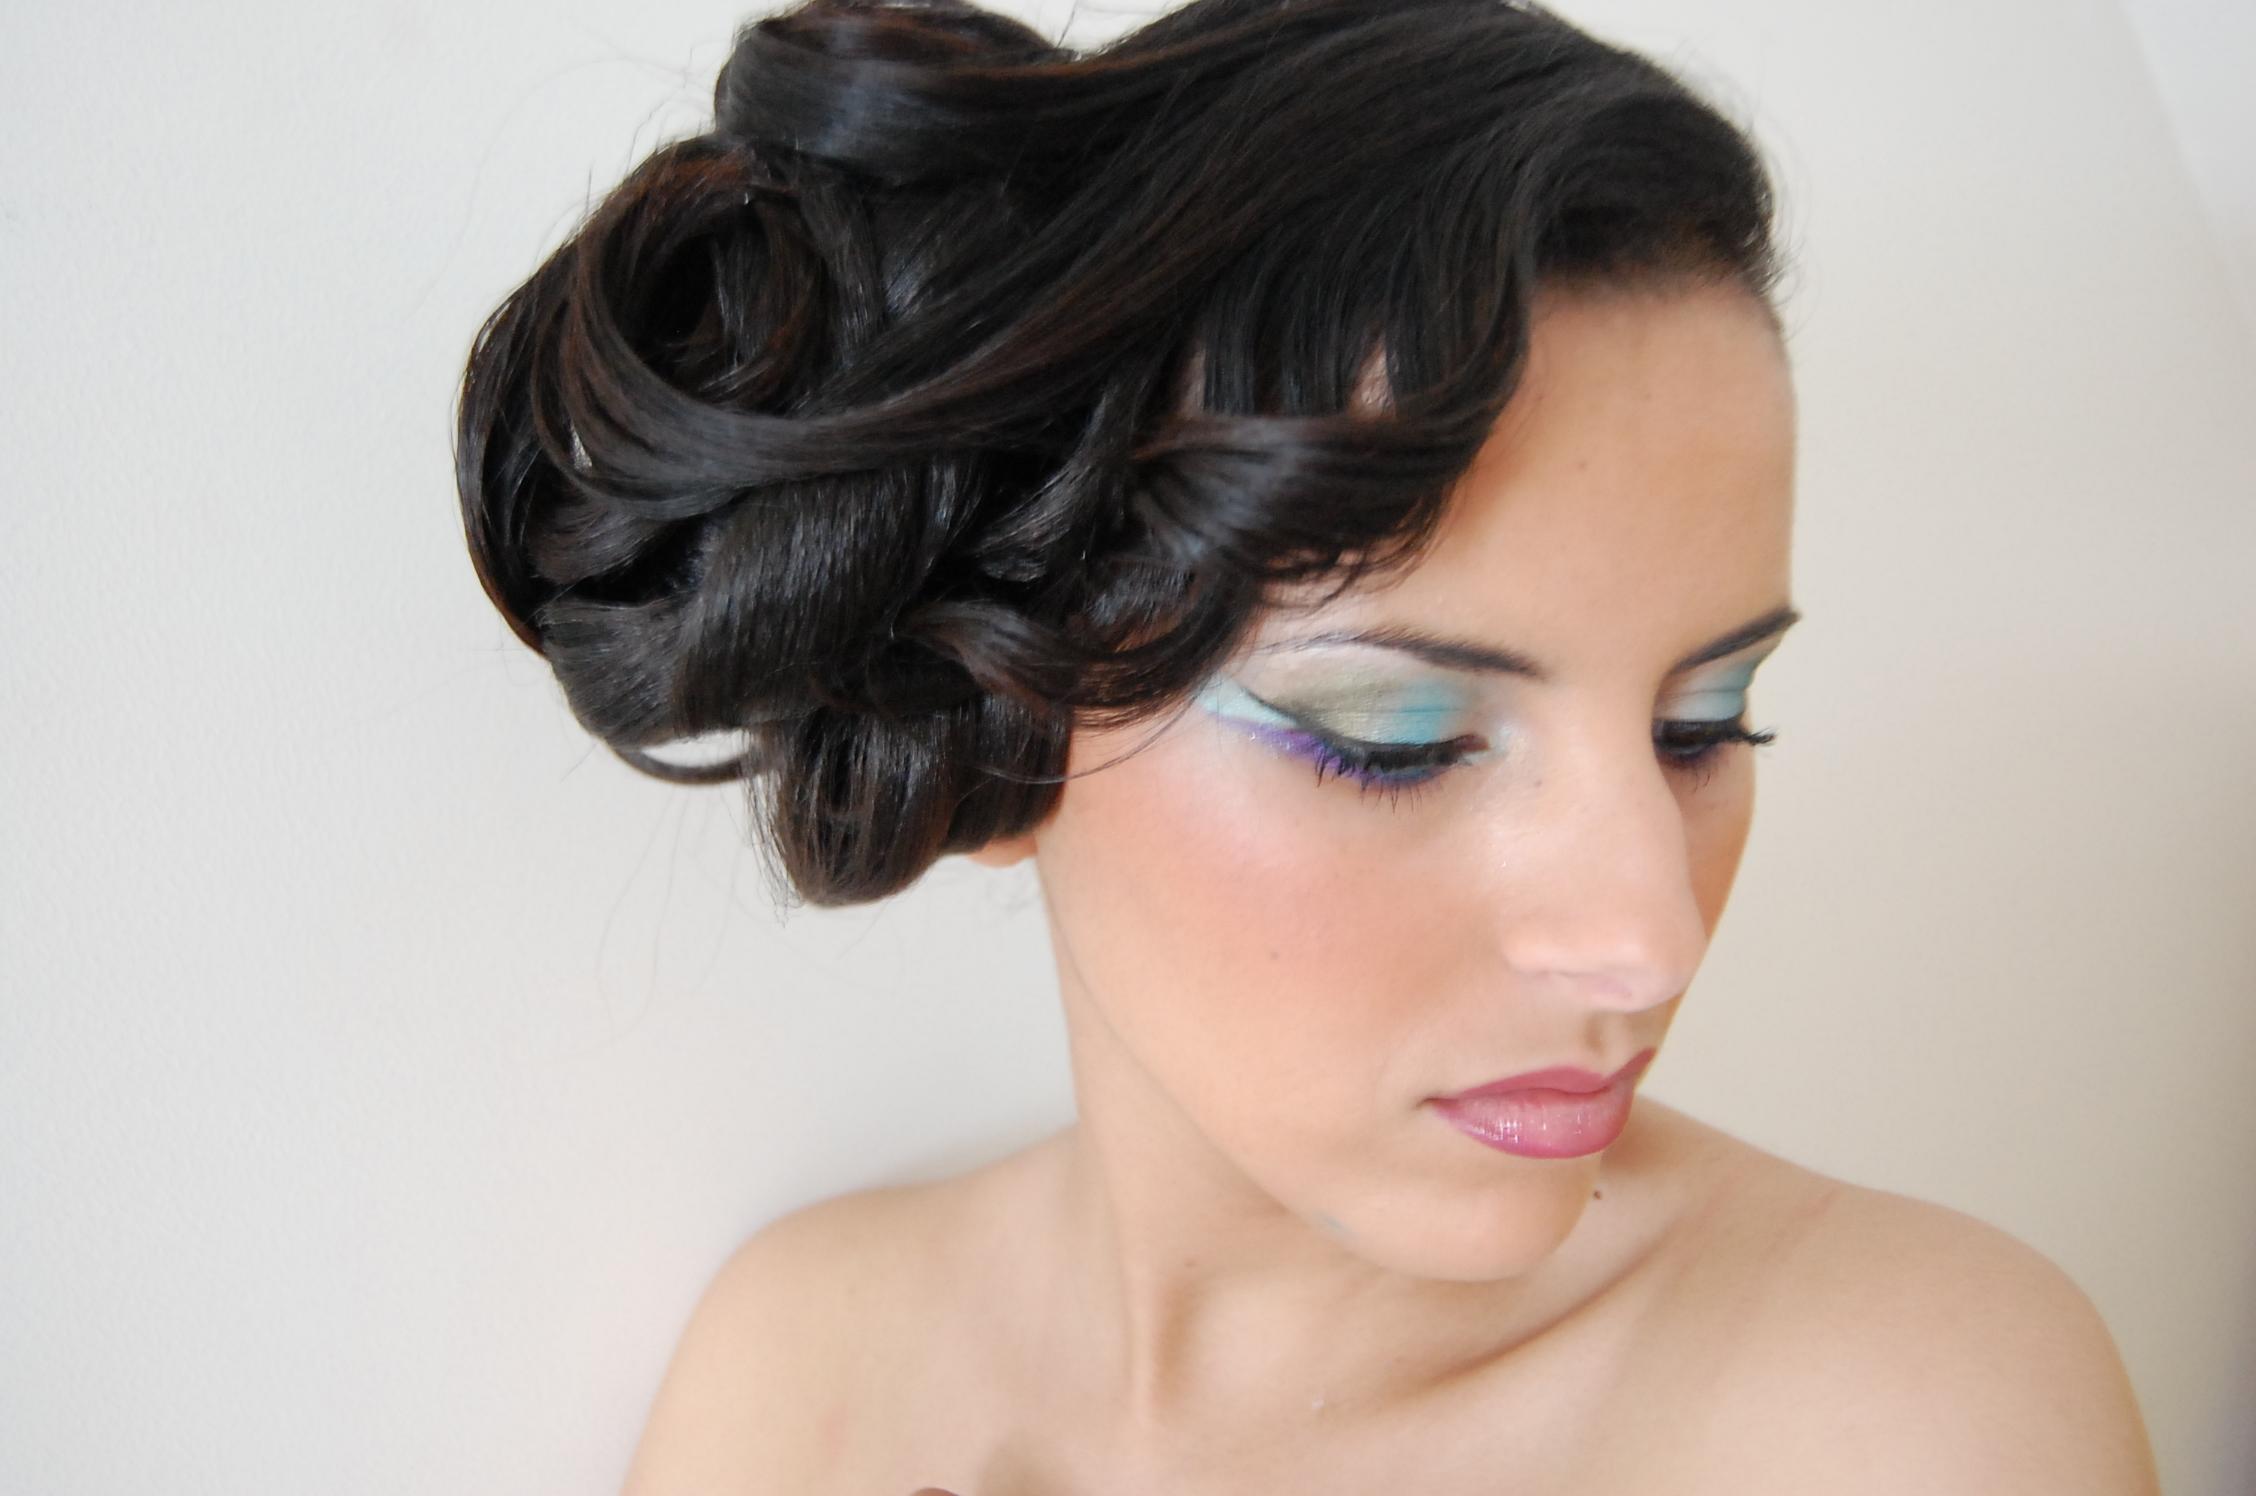 maquillage mariage yabiladi